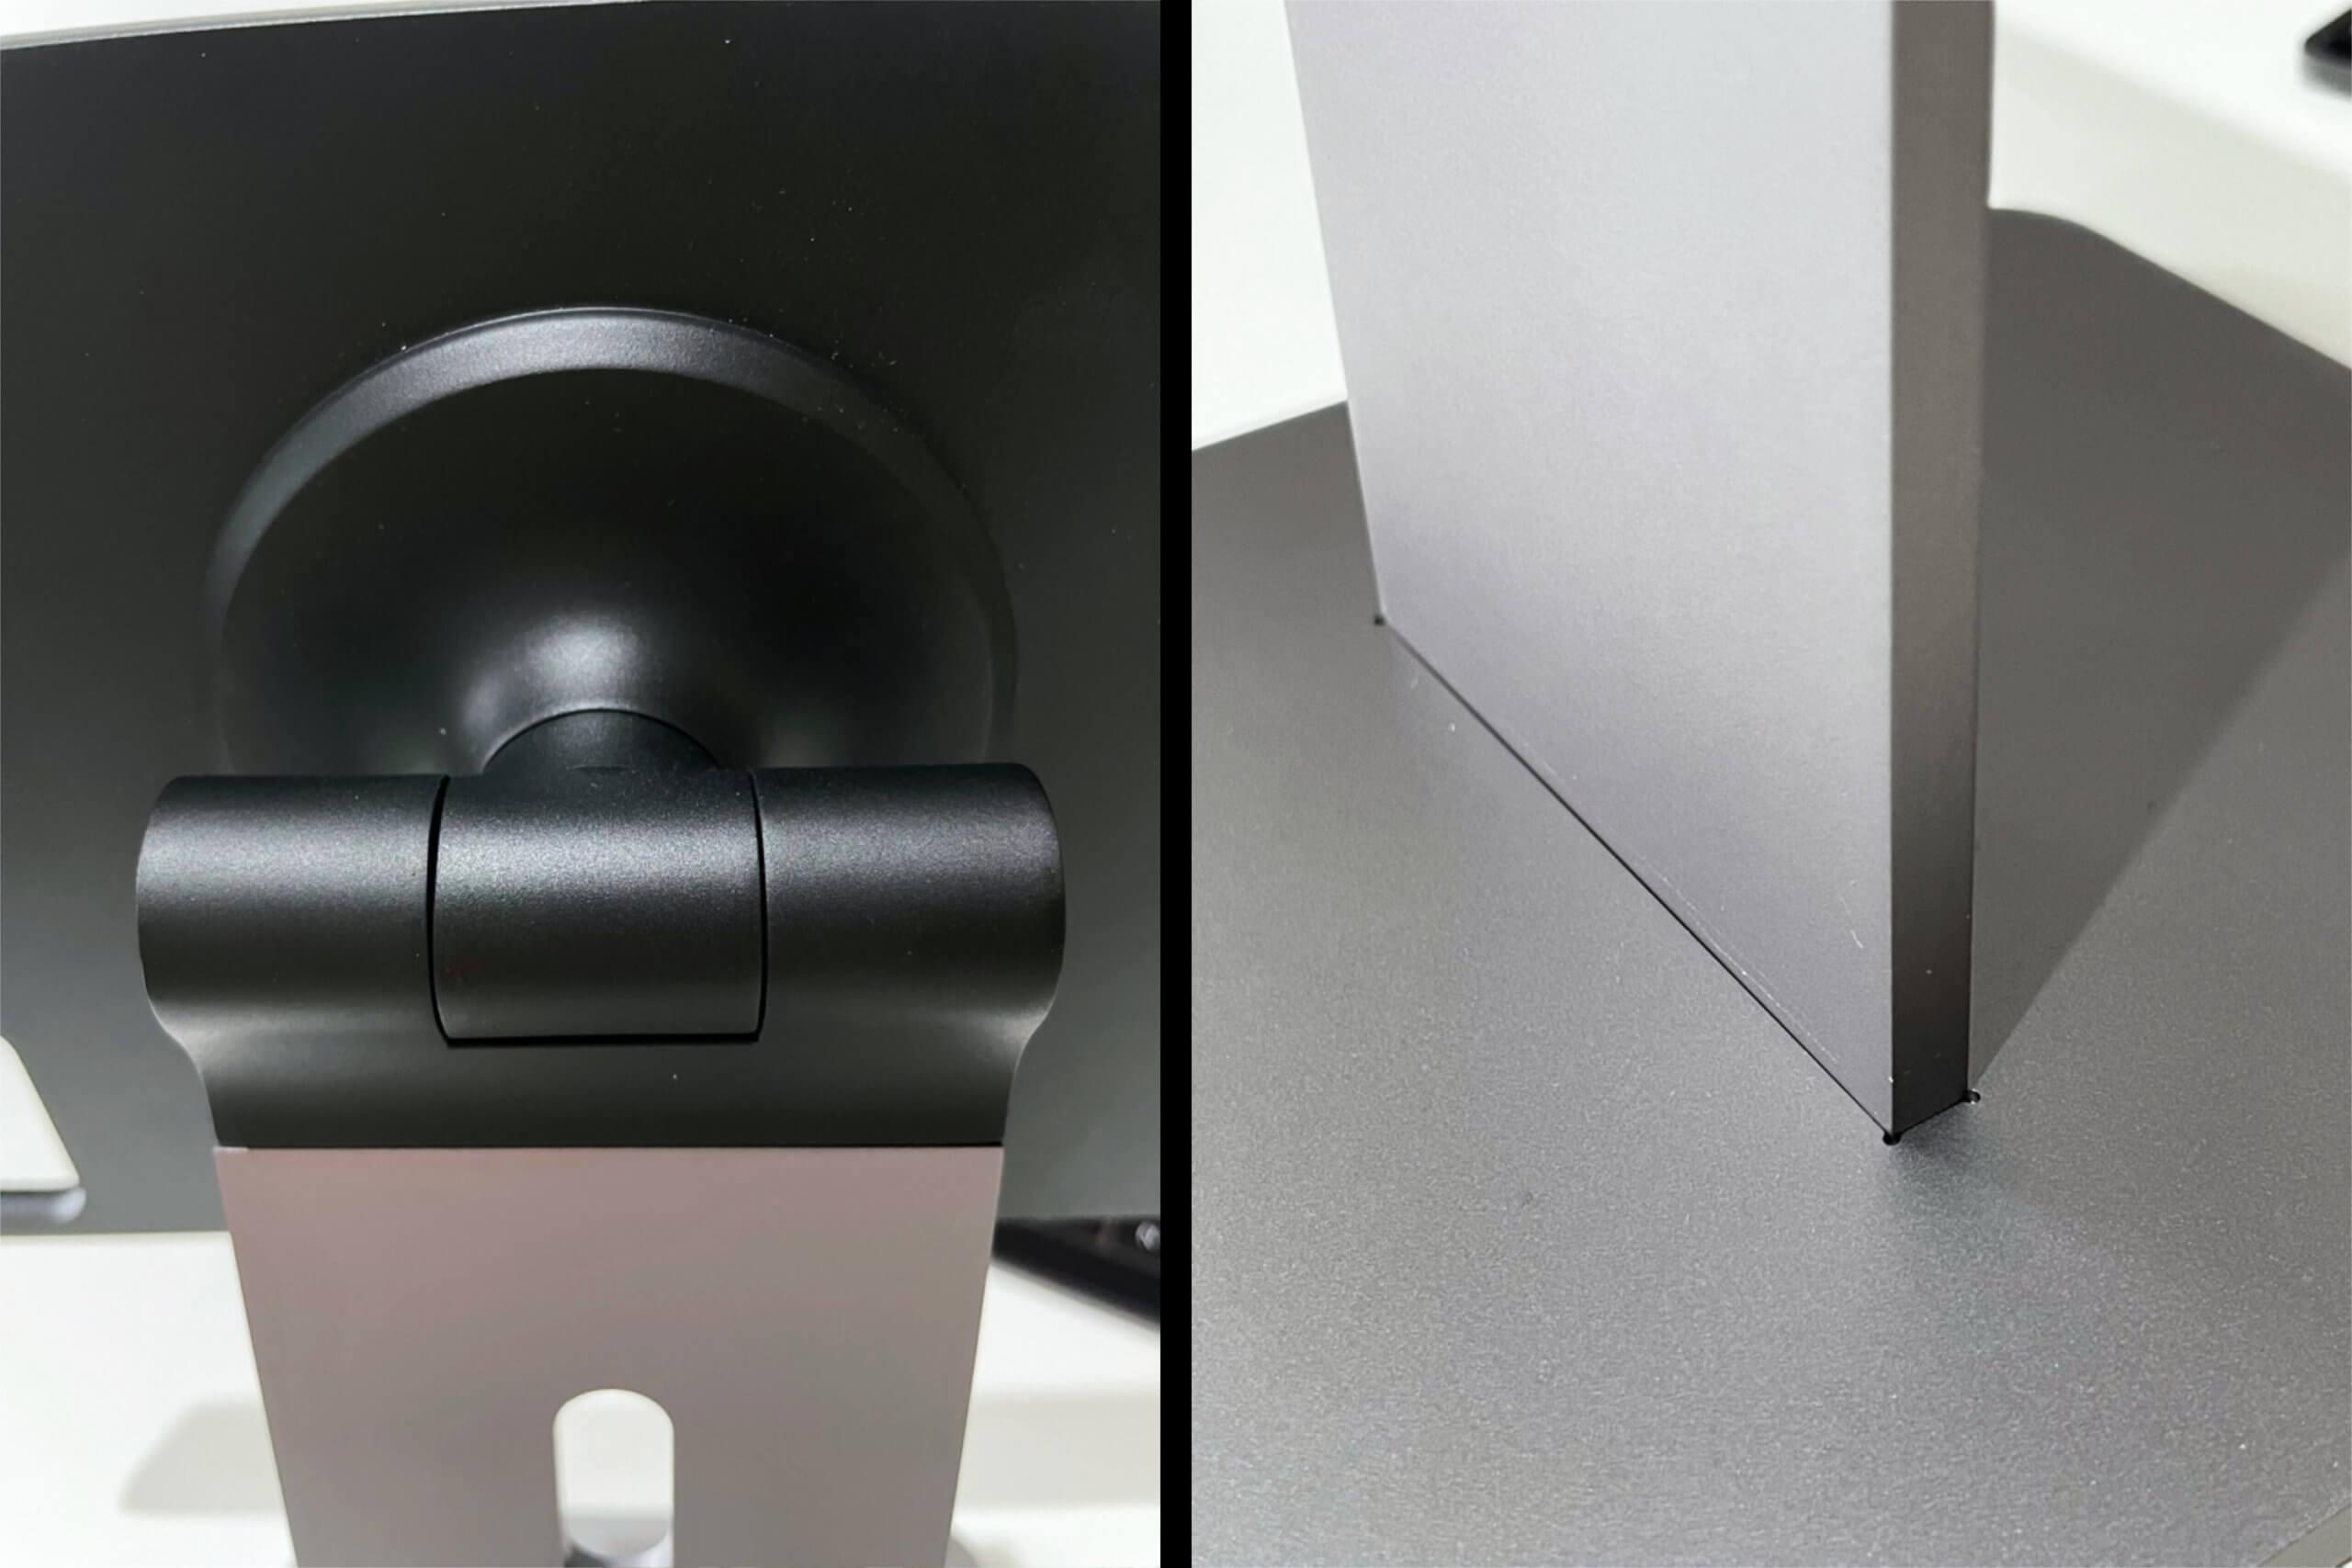 Die Konstruktion ist minimalistisch, dadurch jedoch recht wackelig. Die Ausfräsung der Bodenplatte ist auch nach dem Aufbauen sichtbar.